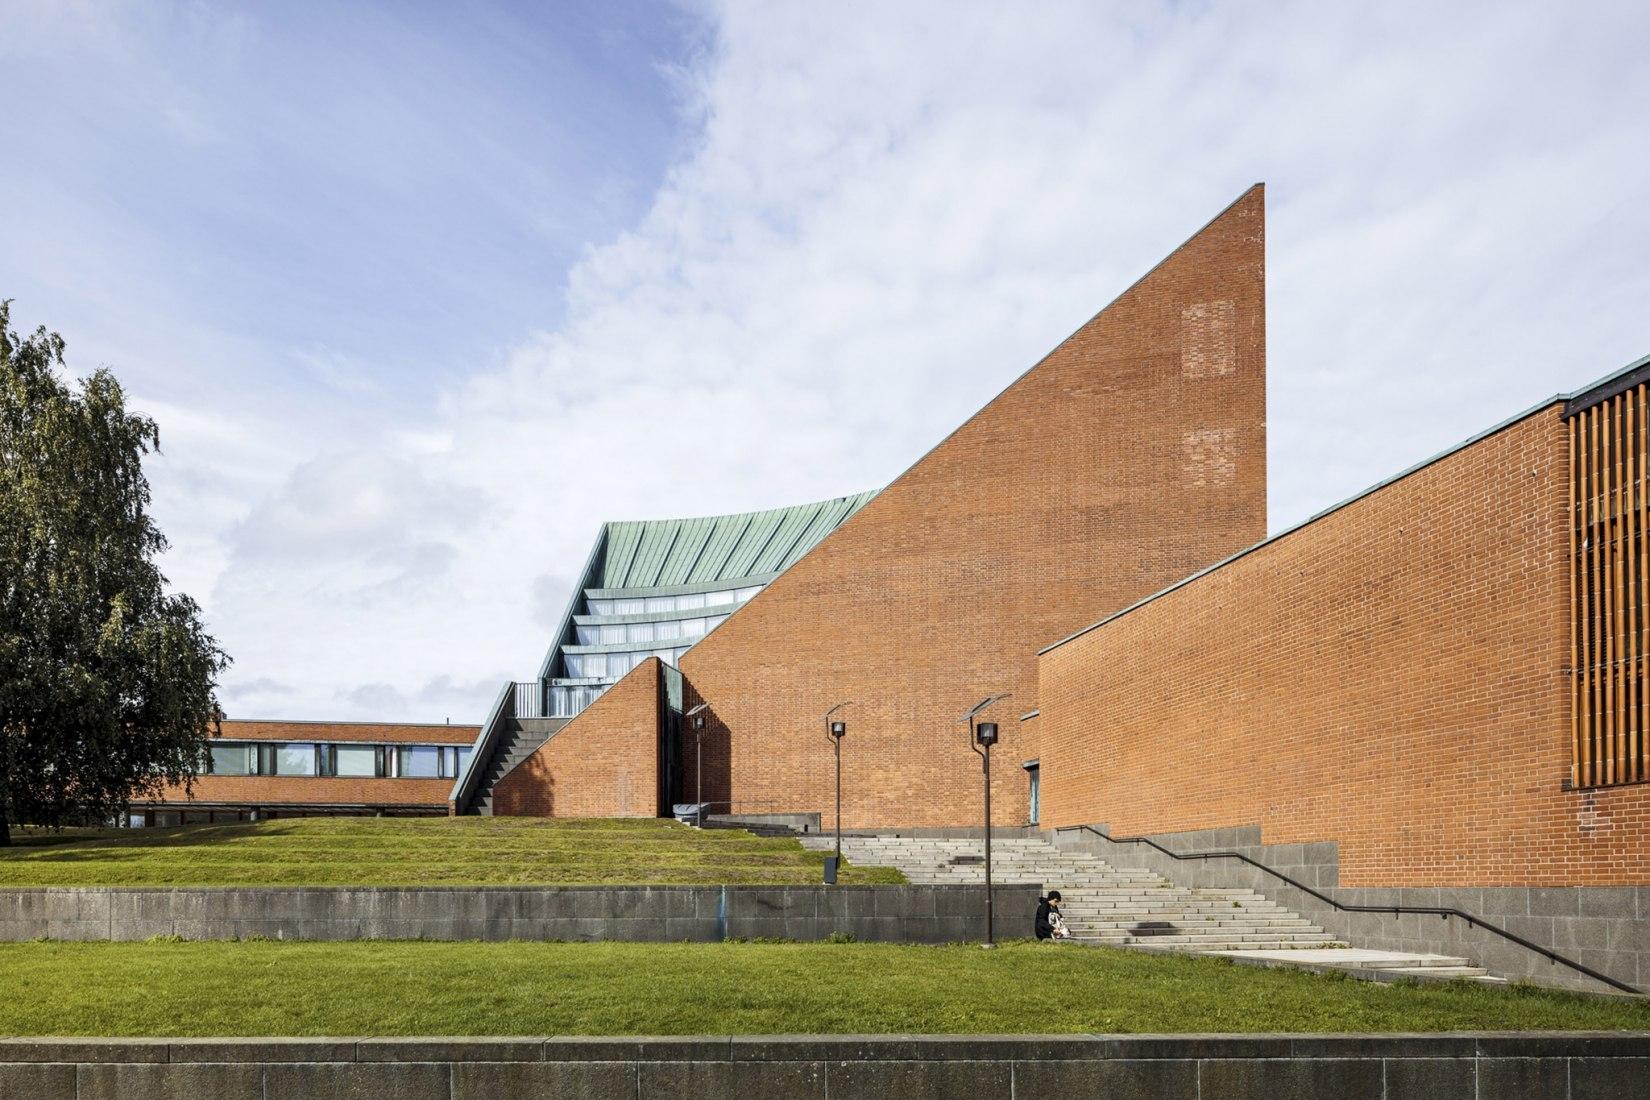 Imagen exterior del edificio. Renovación del Centro de Pregrados de la Universidad Aalto por Arkkitehdit NRT Oy. Fotografía © Tuomas Uusheimo